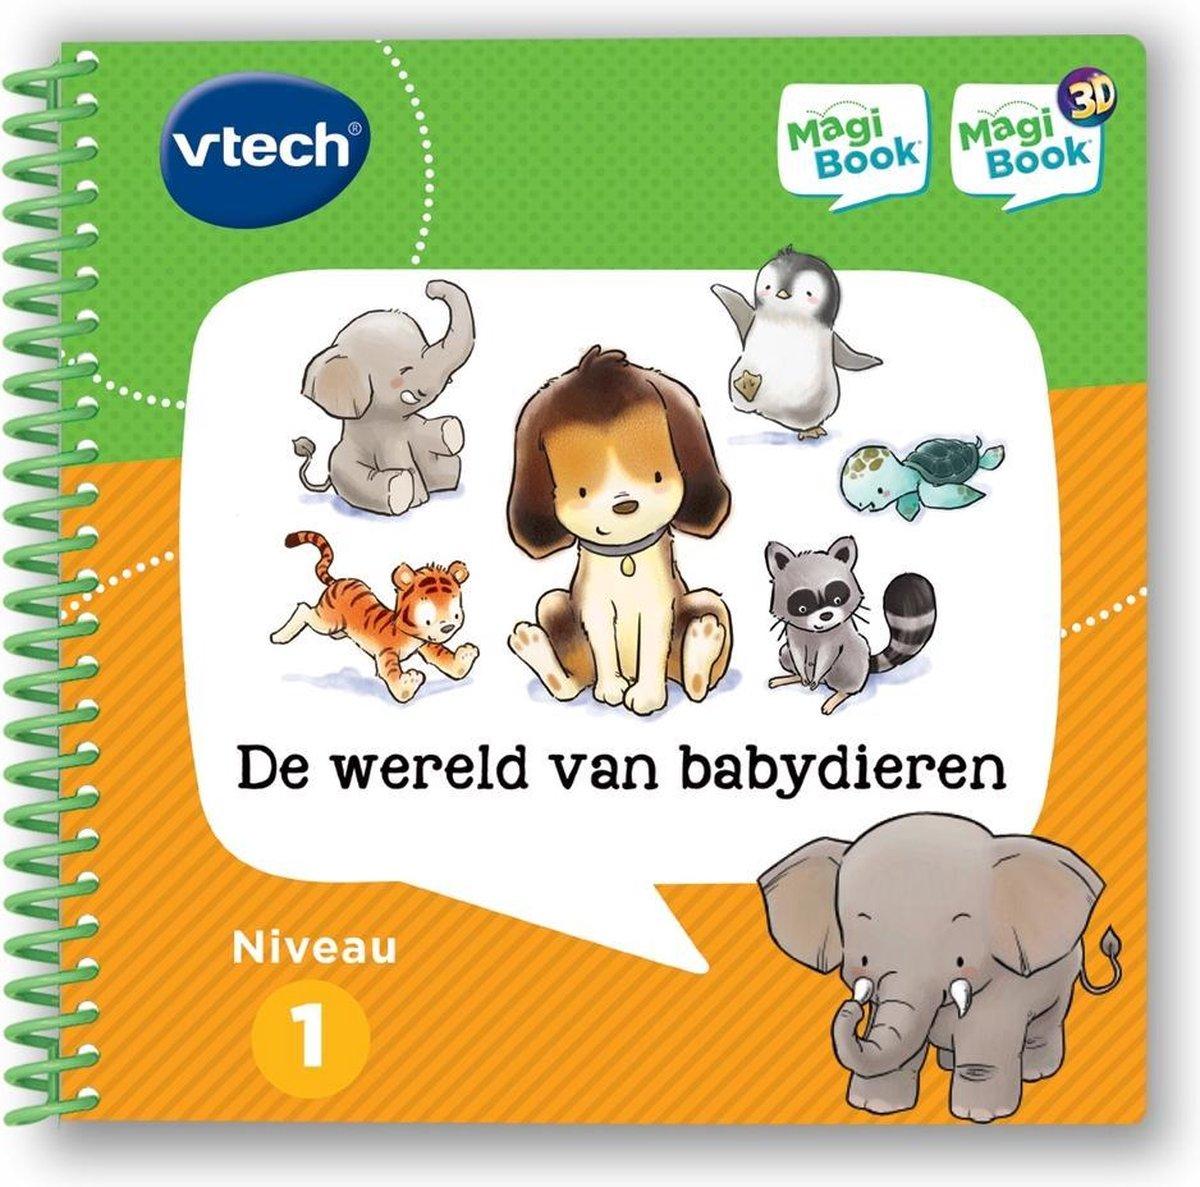 VTech MagiBook Activiteitenboek - De Wereld van Babydieren - Educatief Babyspeelgoed